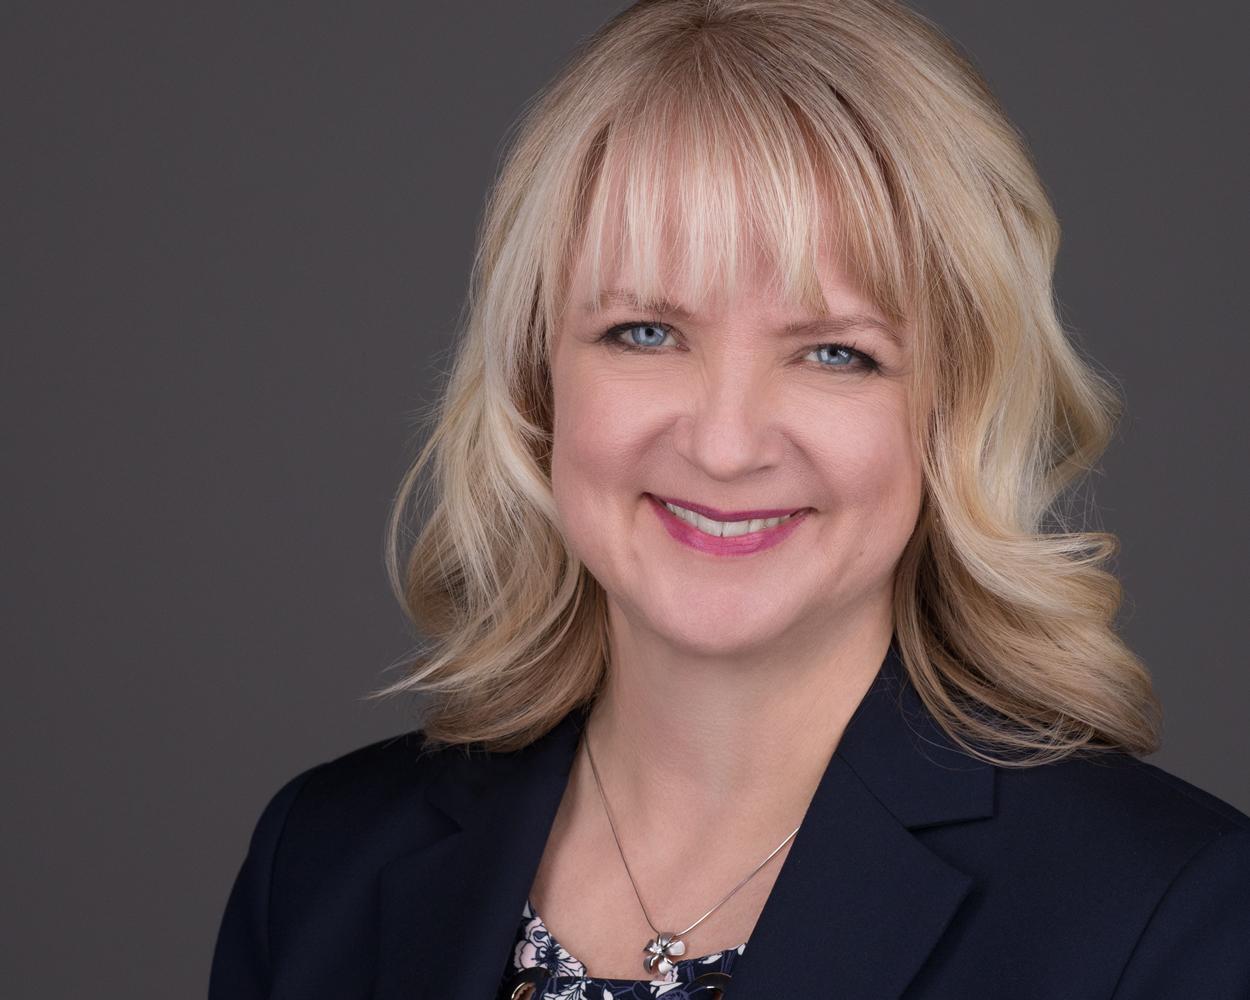 Carol J. Keller